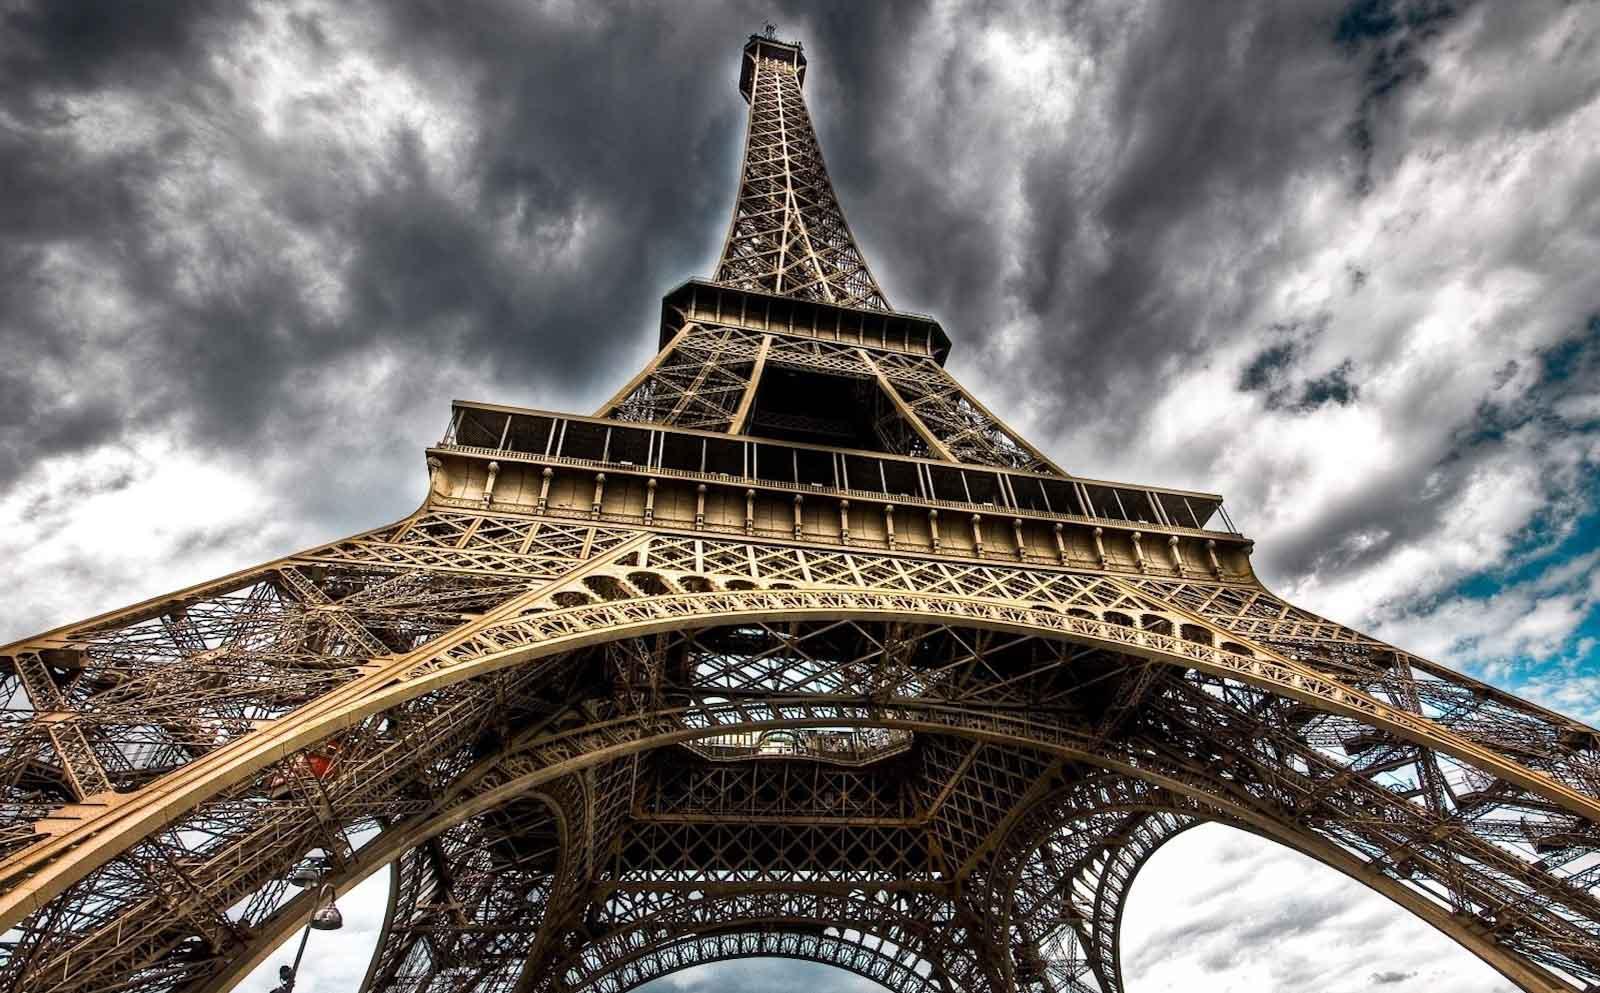 Μαθήματα Γαλλικών Καλαμάτα